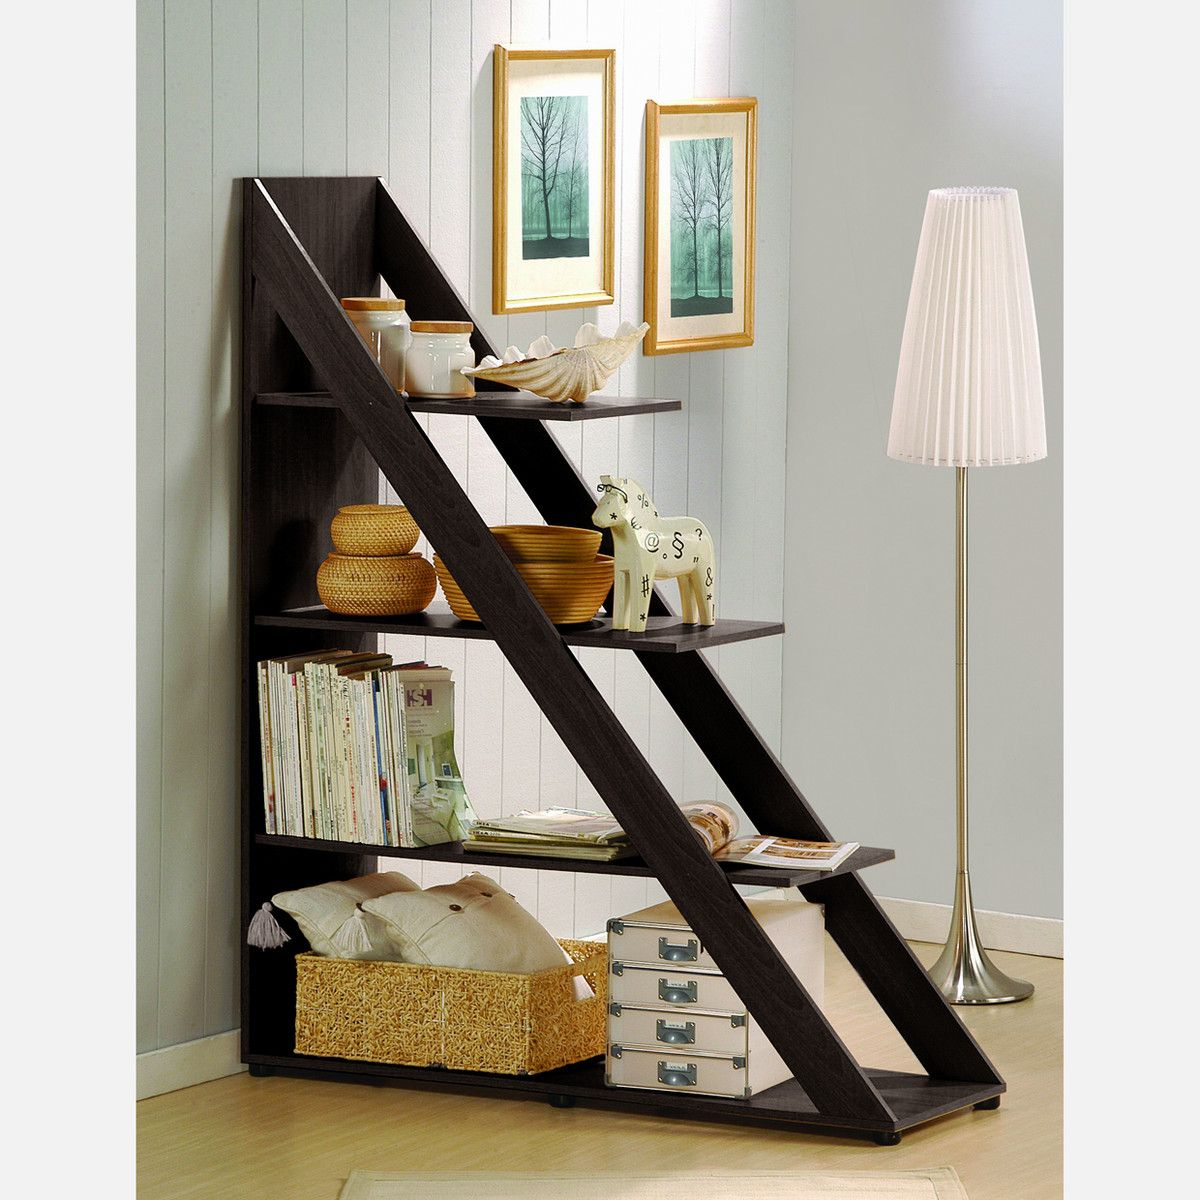 Psinta Modern Shelving Unit Corner Bookshelves Cheap Bookshelf Room Divider